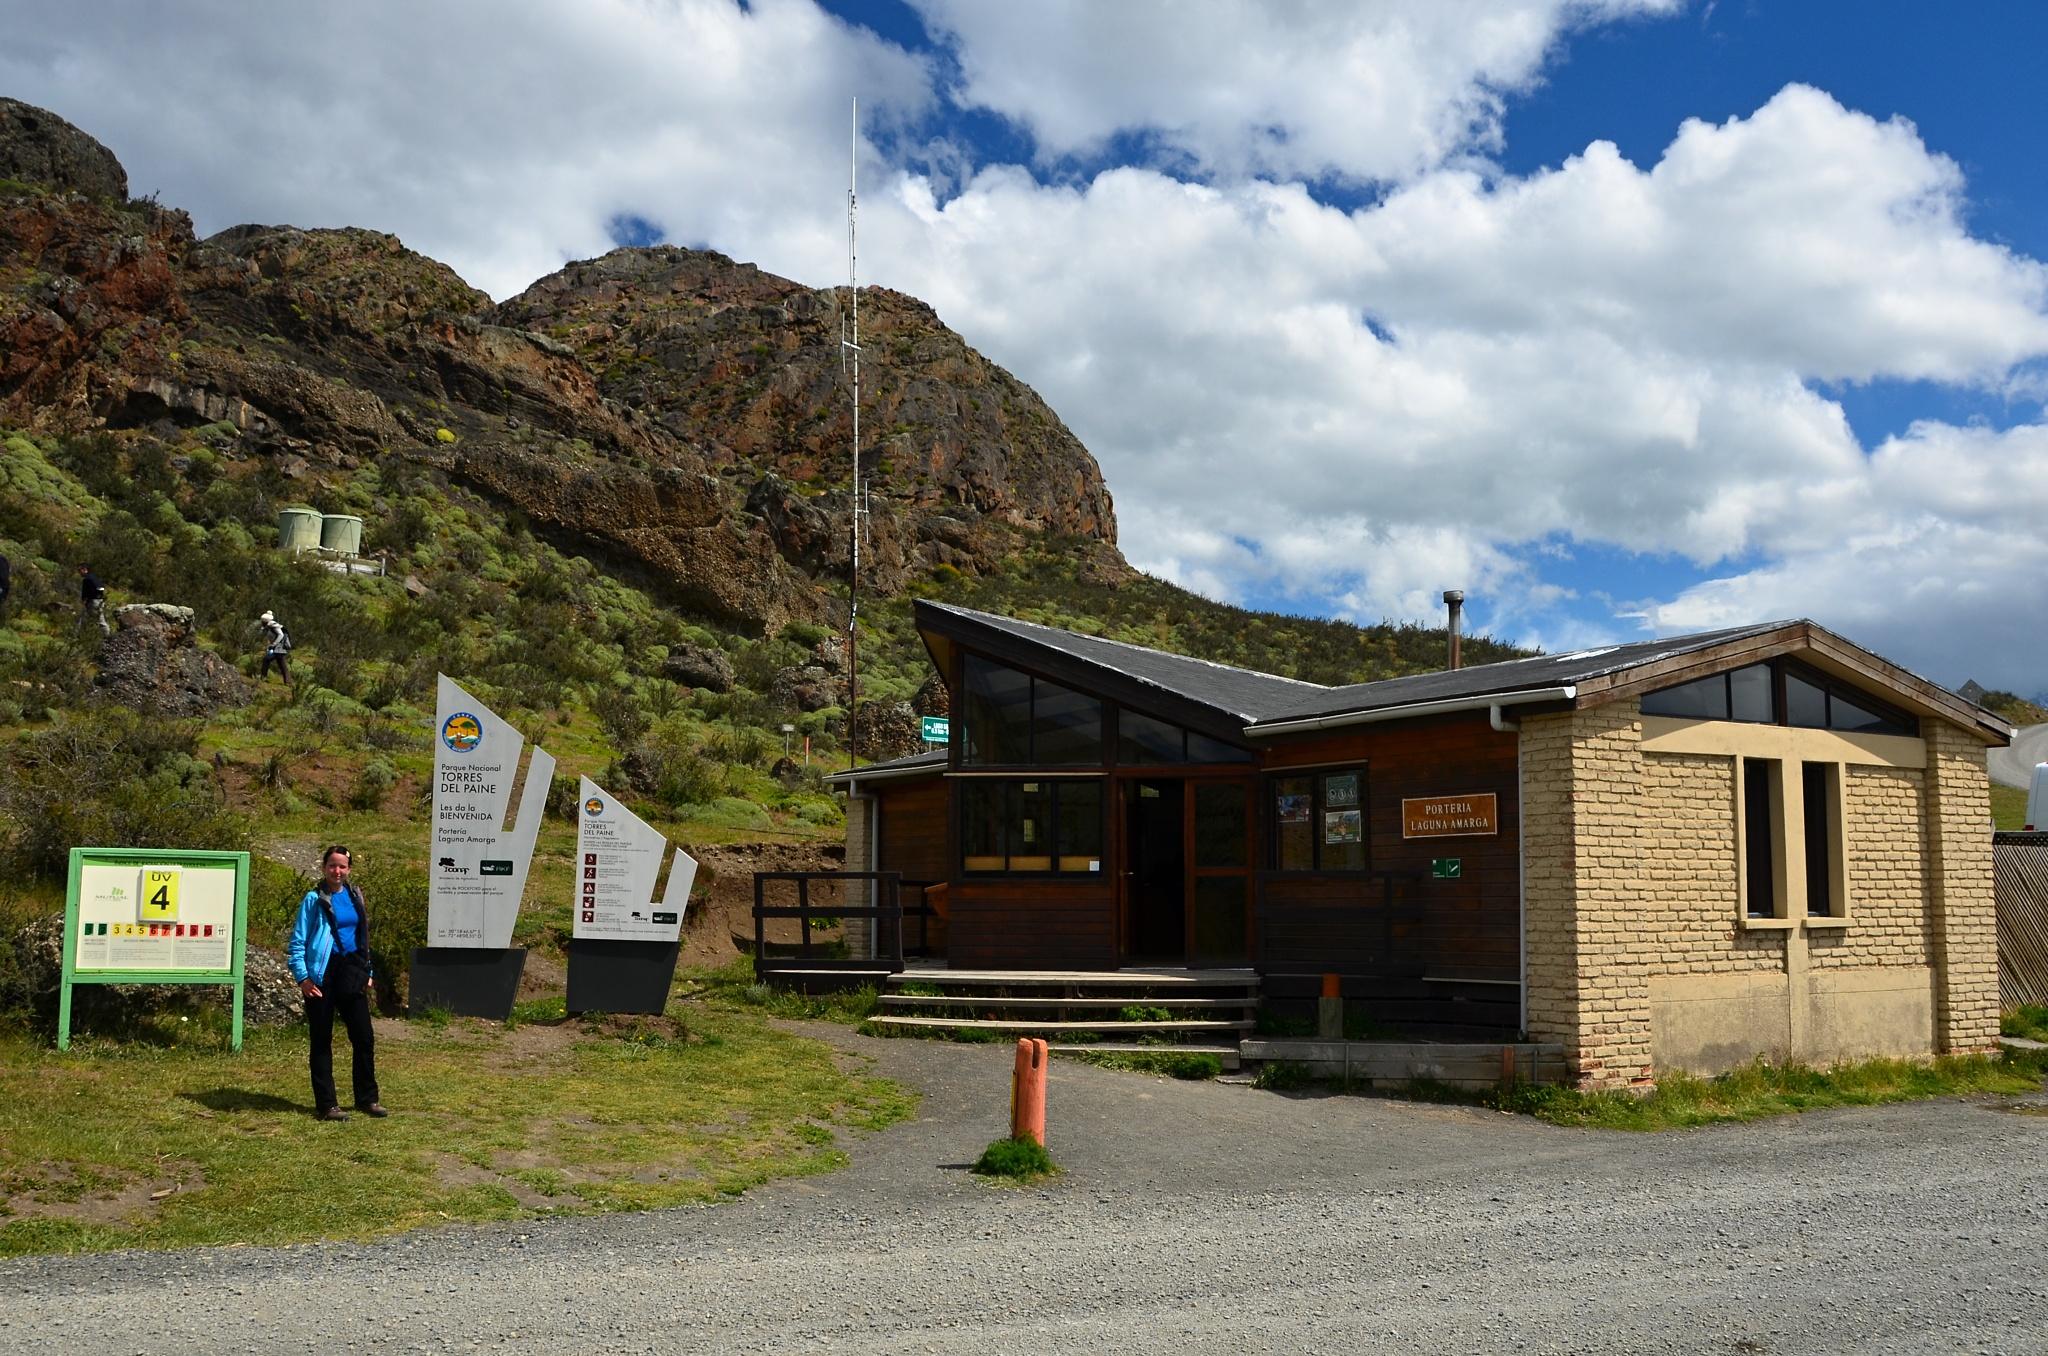 Administrativní budova Conafu u jezera Amarga